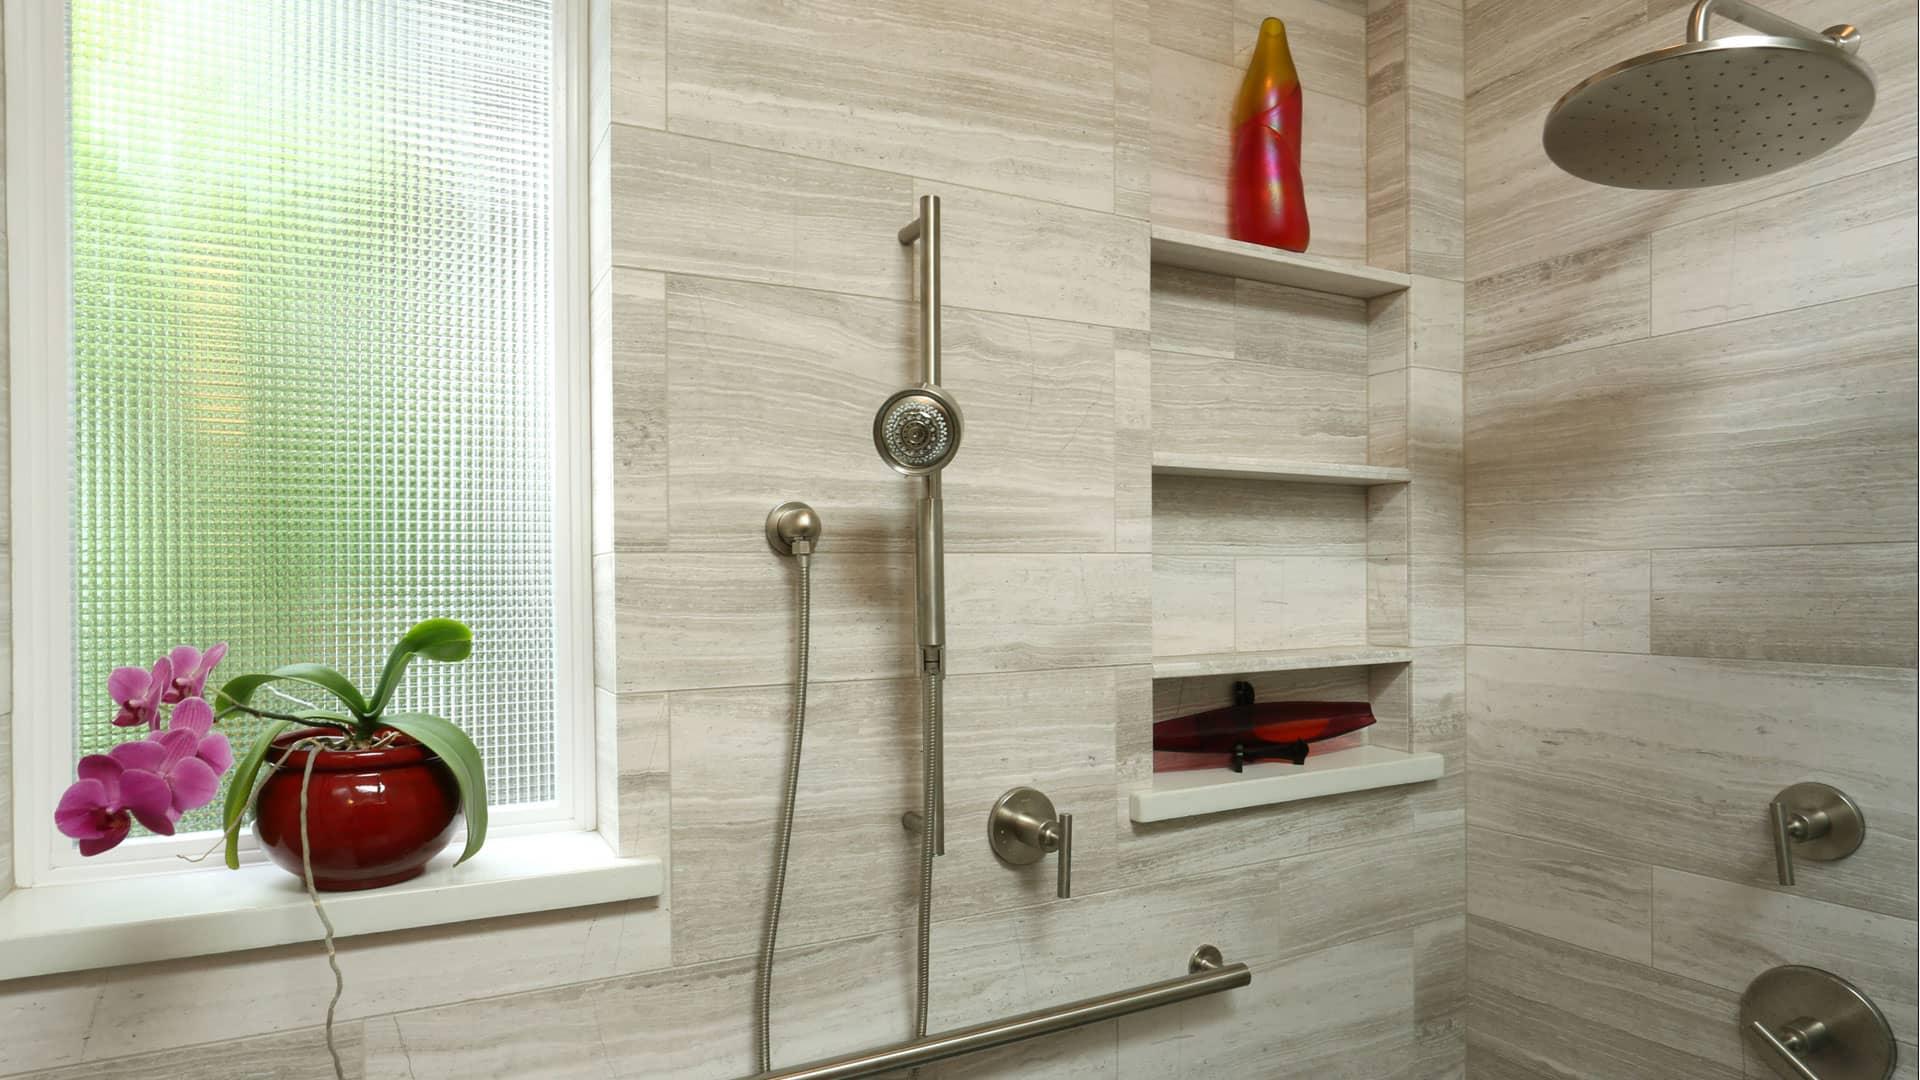 Portland OR Bathroom Remodel, Tile, Shower, Handicap Access | C&K